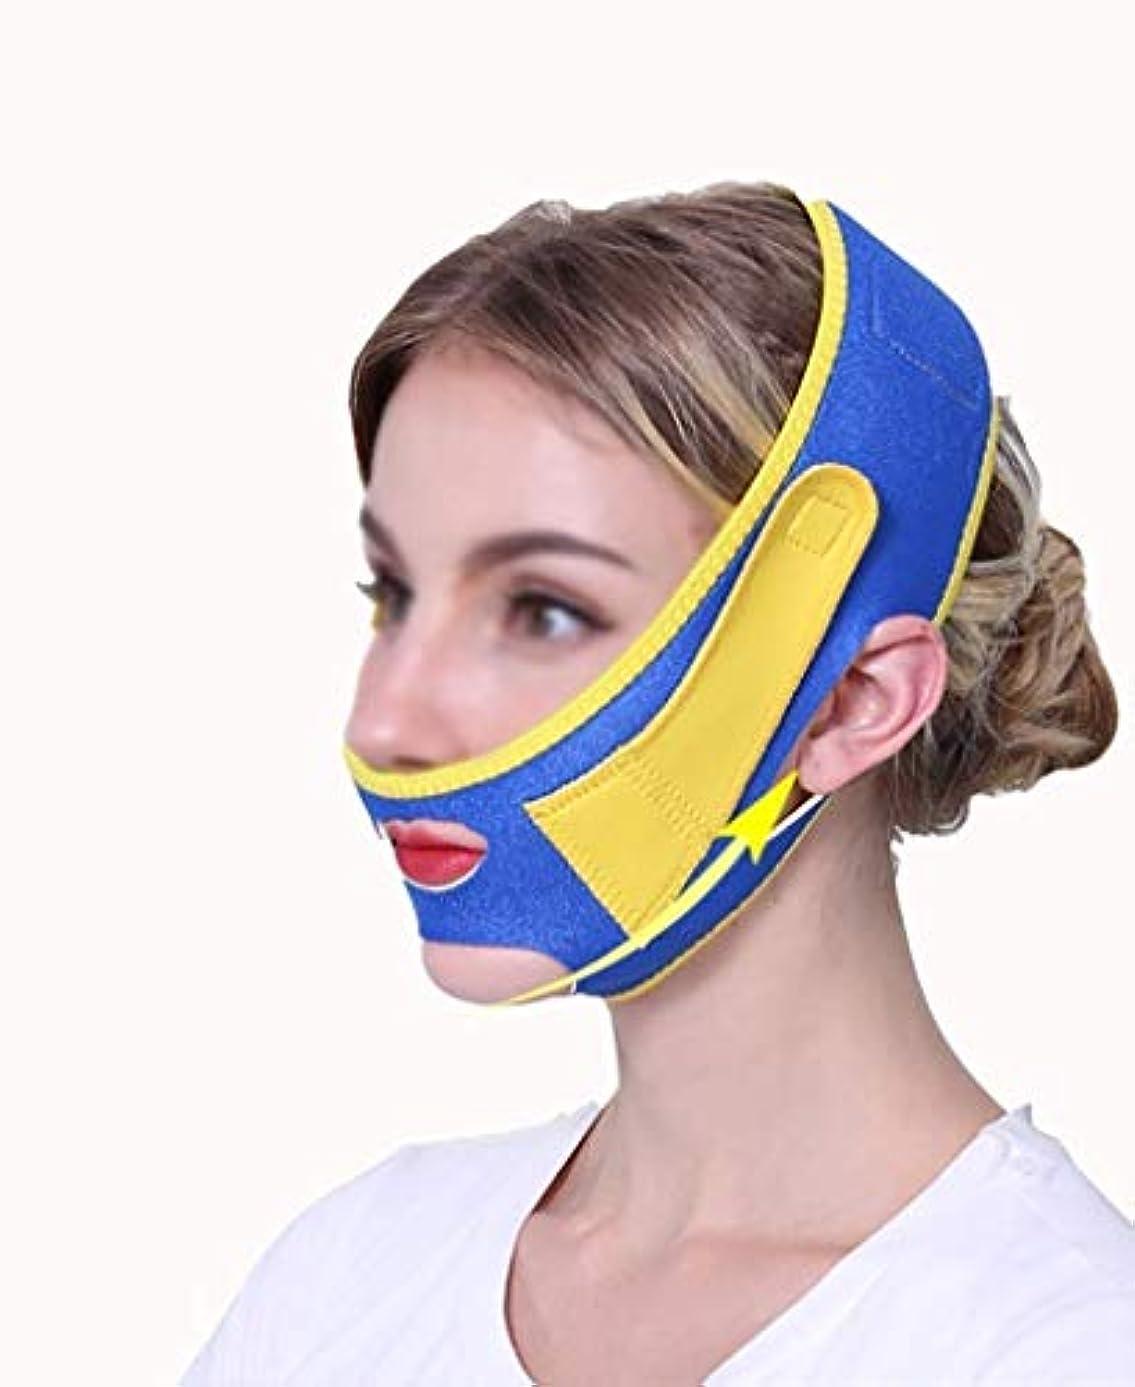 征服するリム目的美容と実用的なフェイスリフトマスク、チンストラップ回復包帯薄いフェイスマスクVフェイスステッカーフェイスリフトステッカー韓国本物のリフティングファーミングリフトシェーピング薄いダブルチンフェイスリフト睡眠包帯アーティファクト